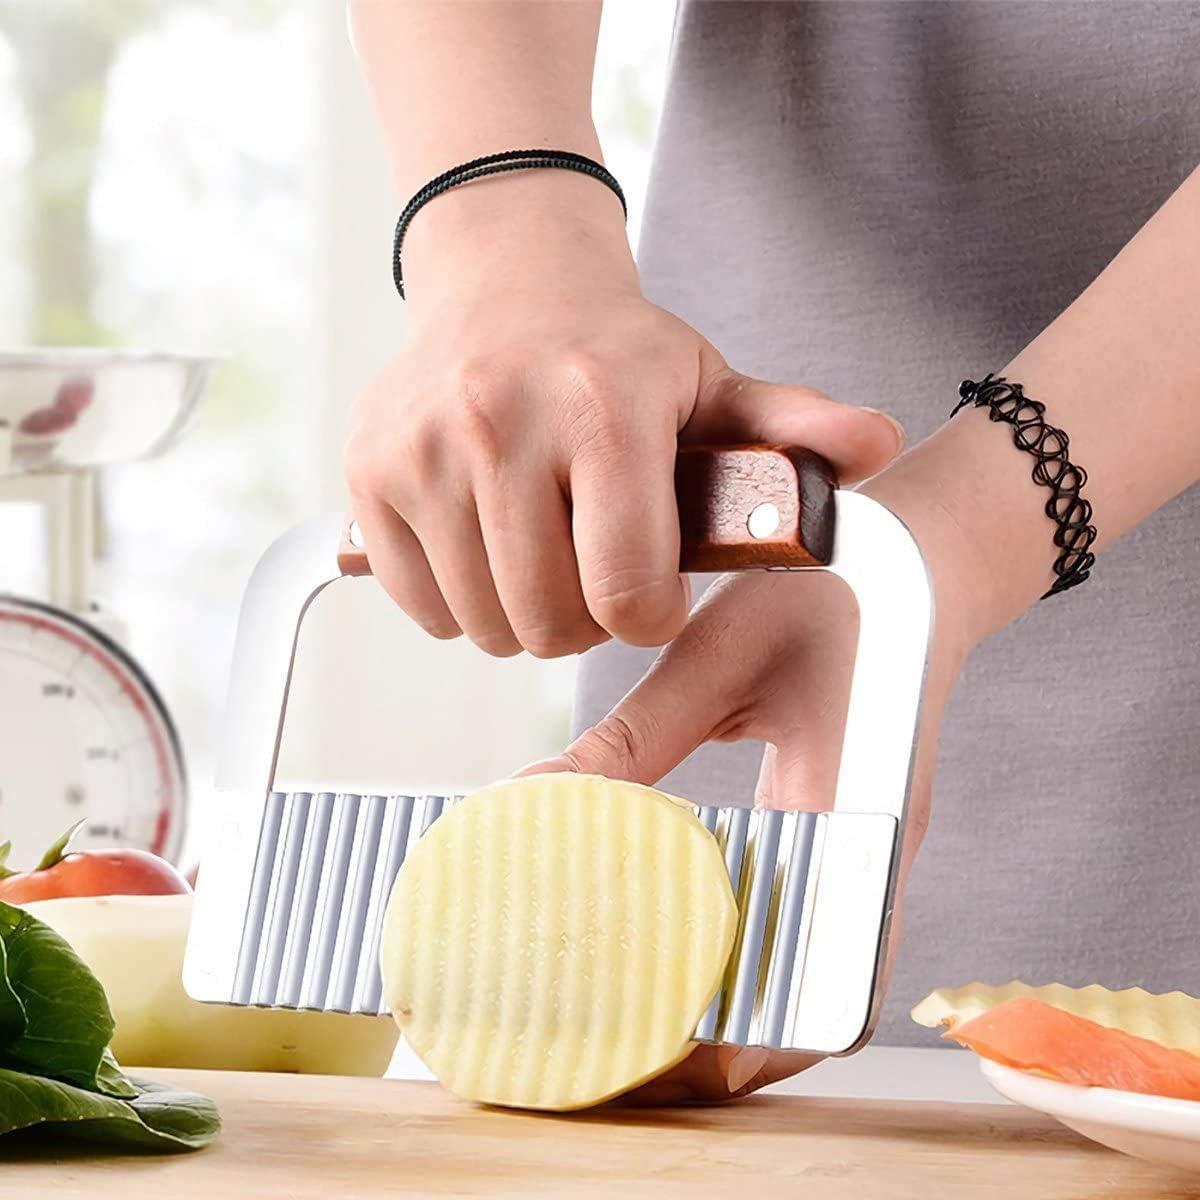 Xstar Kartoffel-Crinkle-Cutter 2er-Pack Crinkle-Schneidwerkzeug Pommes Frites Chips Slicer Edelstahlklinge Holzgriff Gem/üsesalat-Schneidemesser